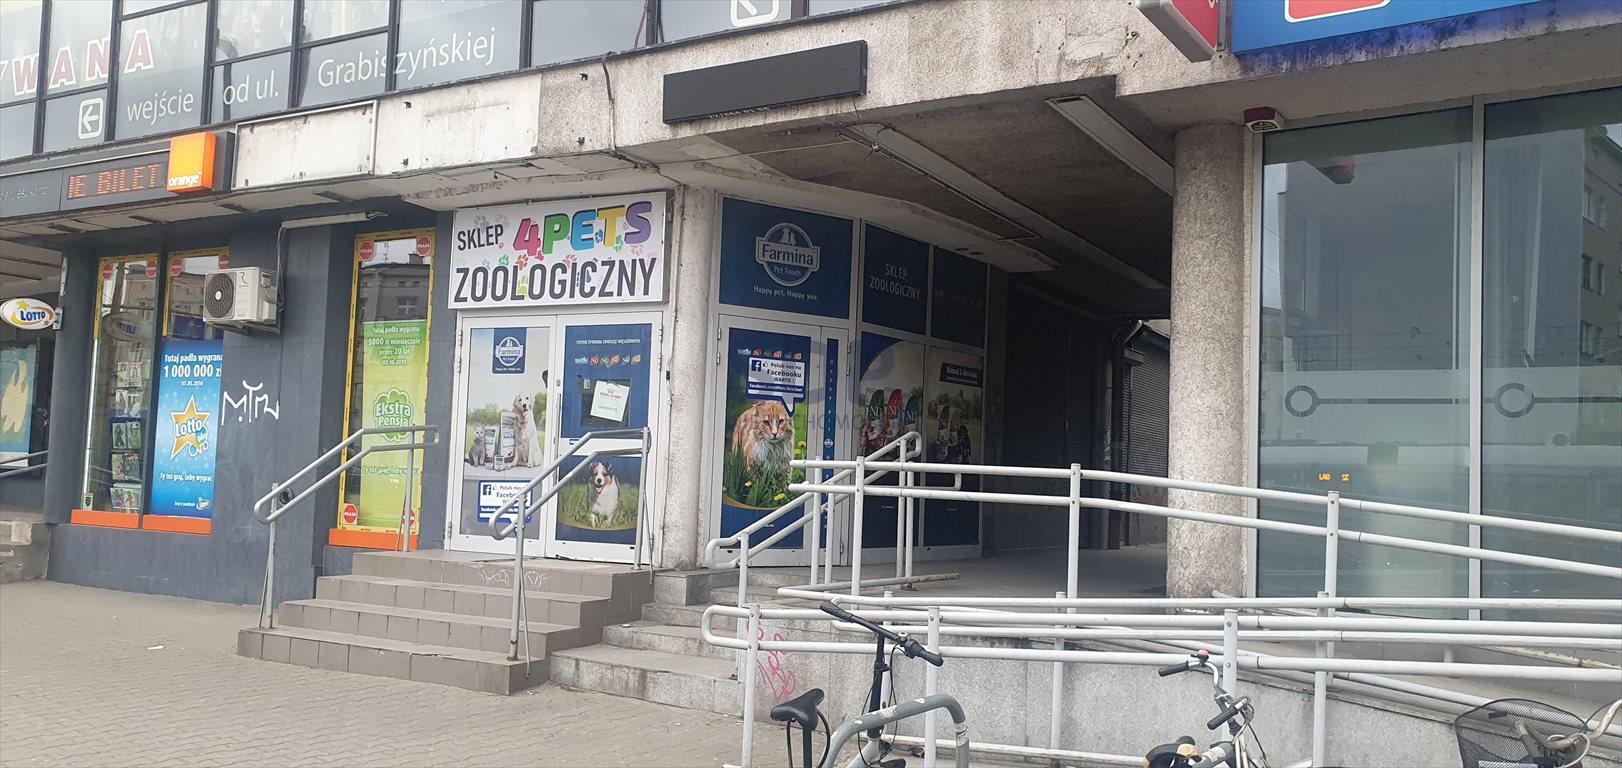 Lokal użytkowy na wynajem Wrocław, Stare Miasto, Stare Miasto, Grabiszyńska  30m2 Foto 1